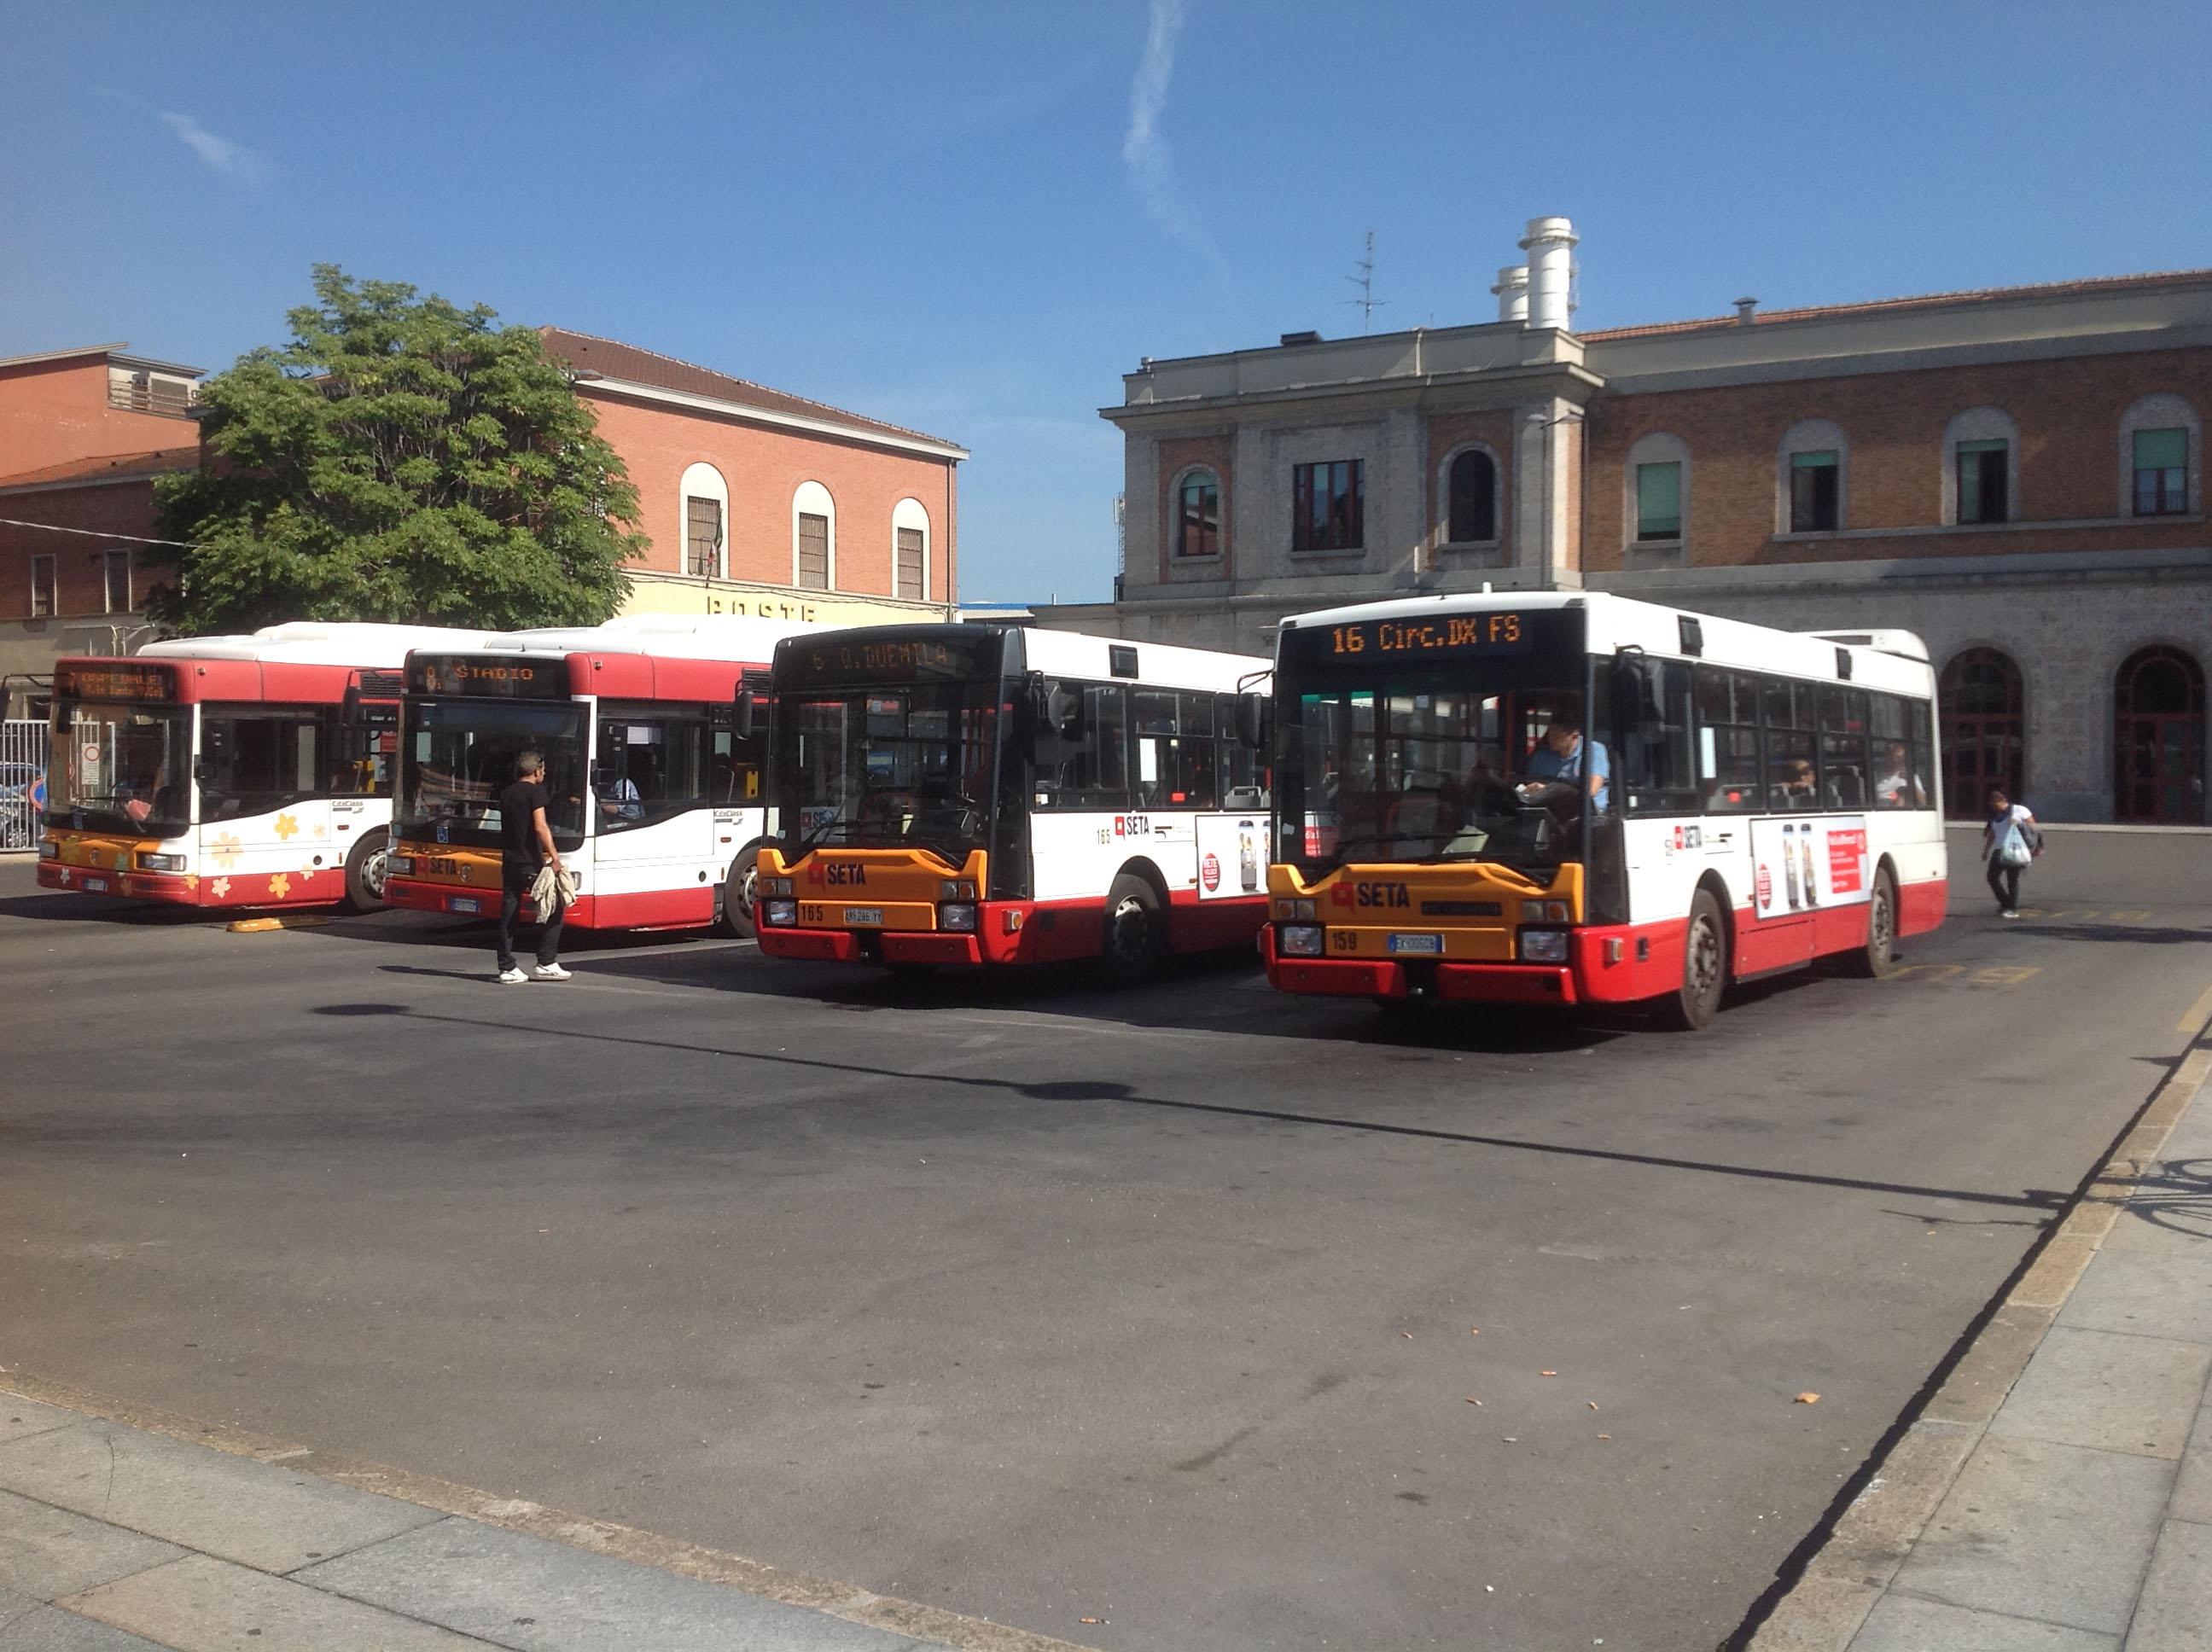 Autobus gratuito anche a Piacenza per chi ha l'abbonamento del treno